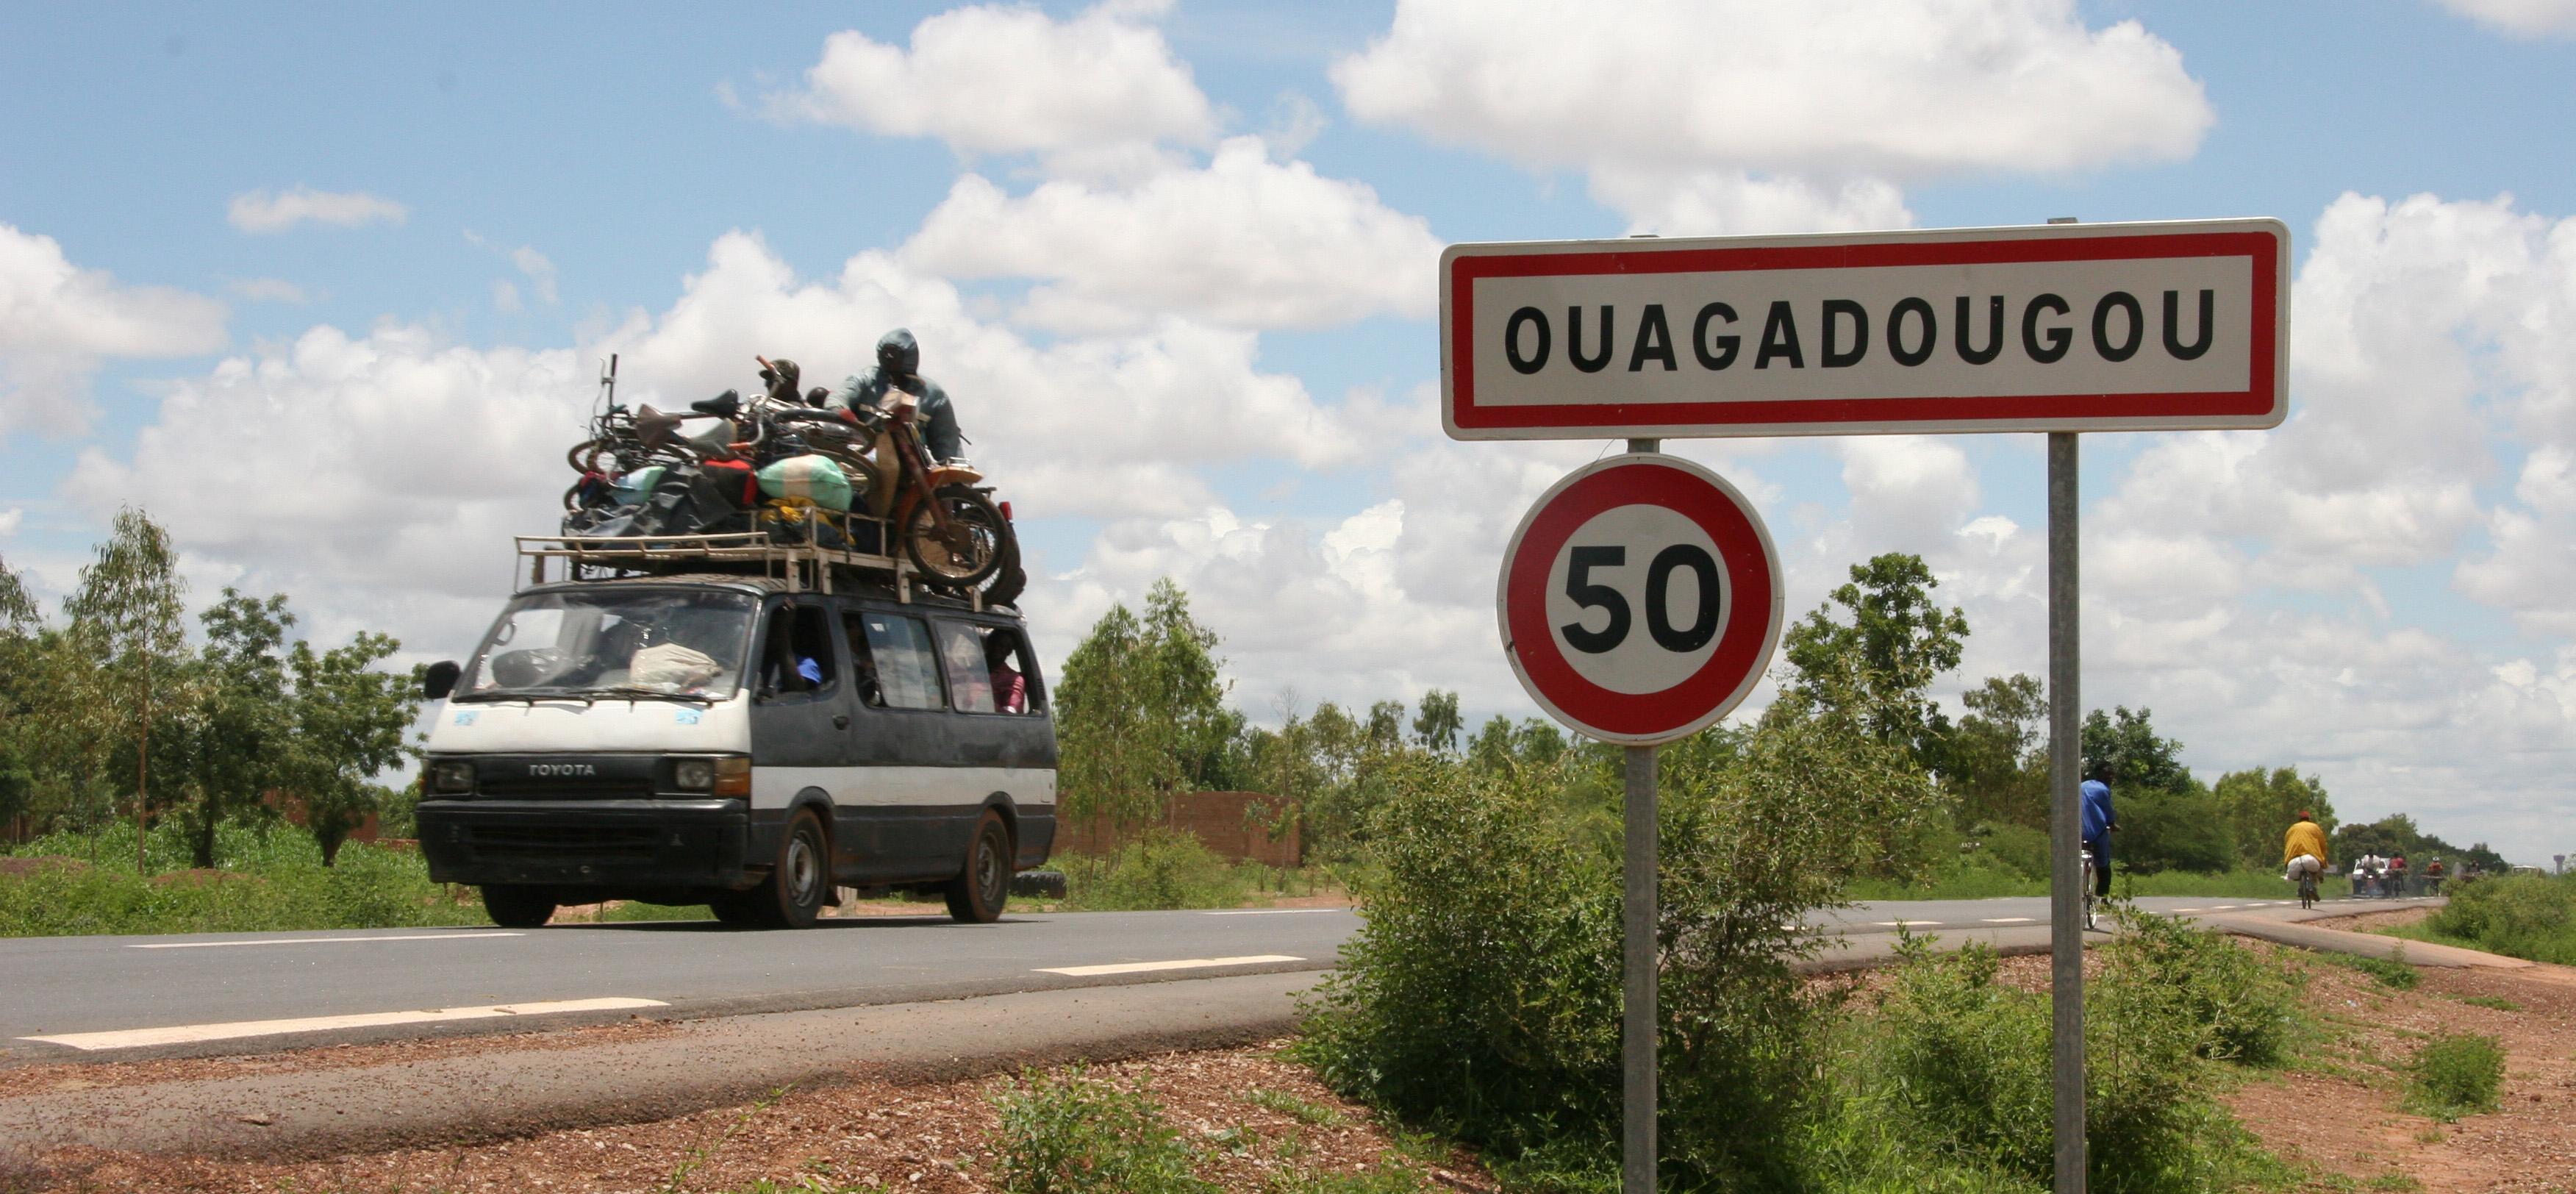 Ouagadougou road